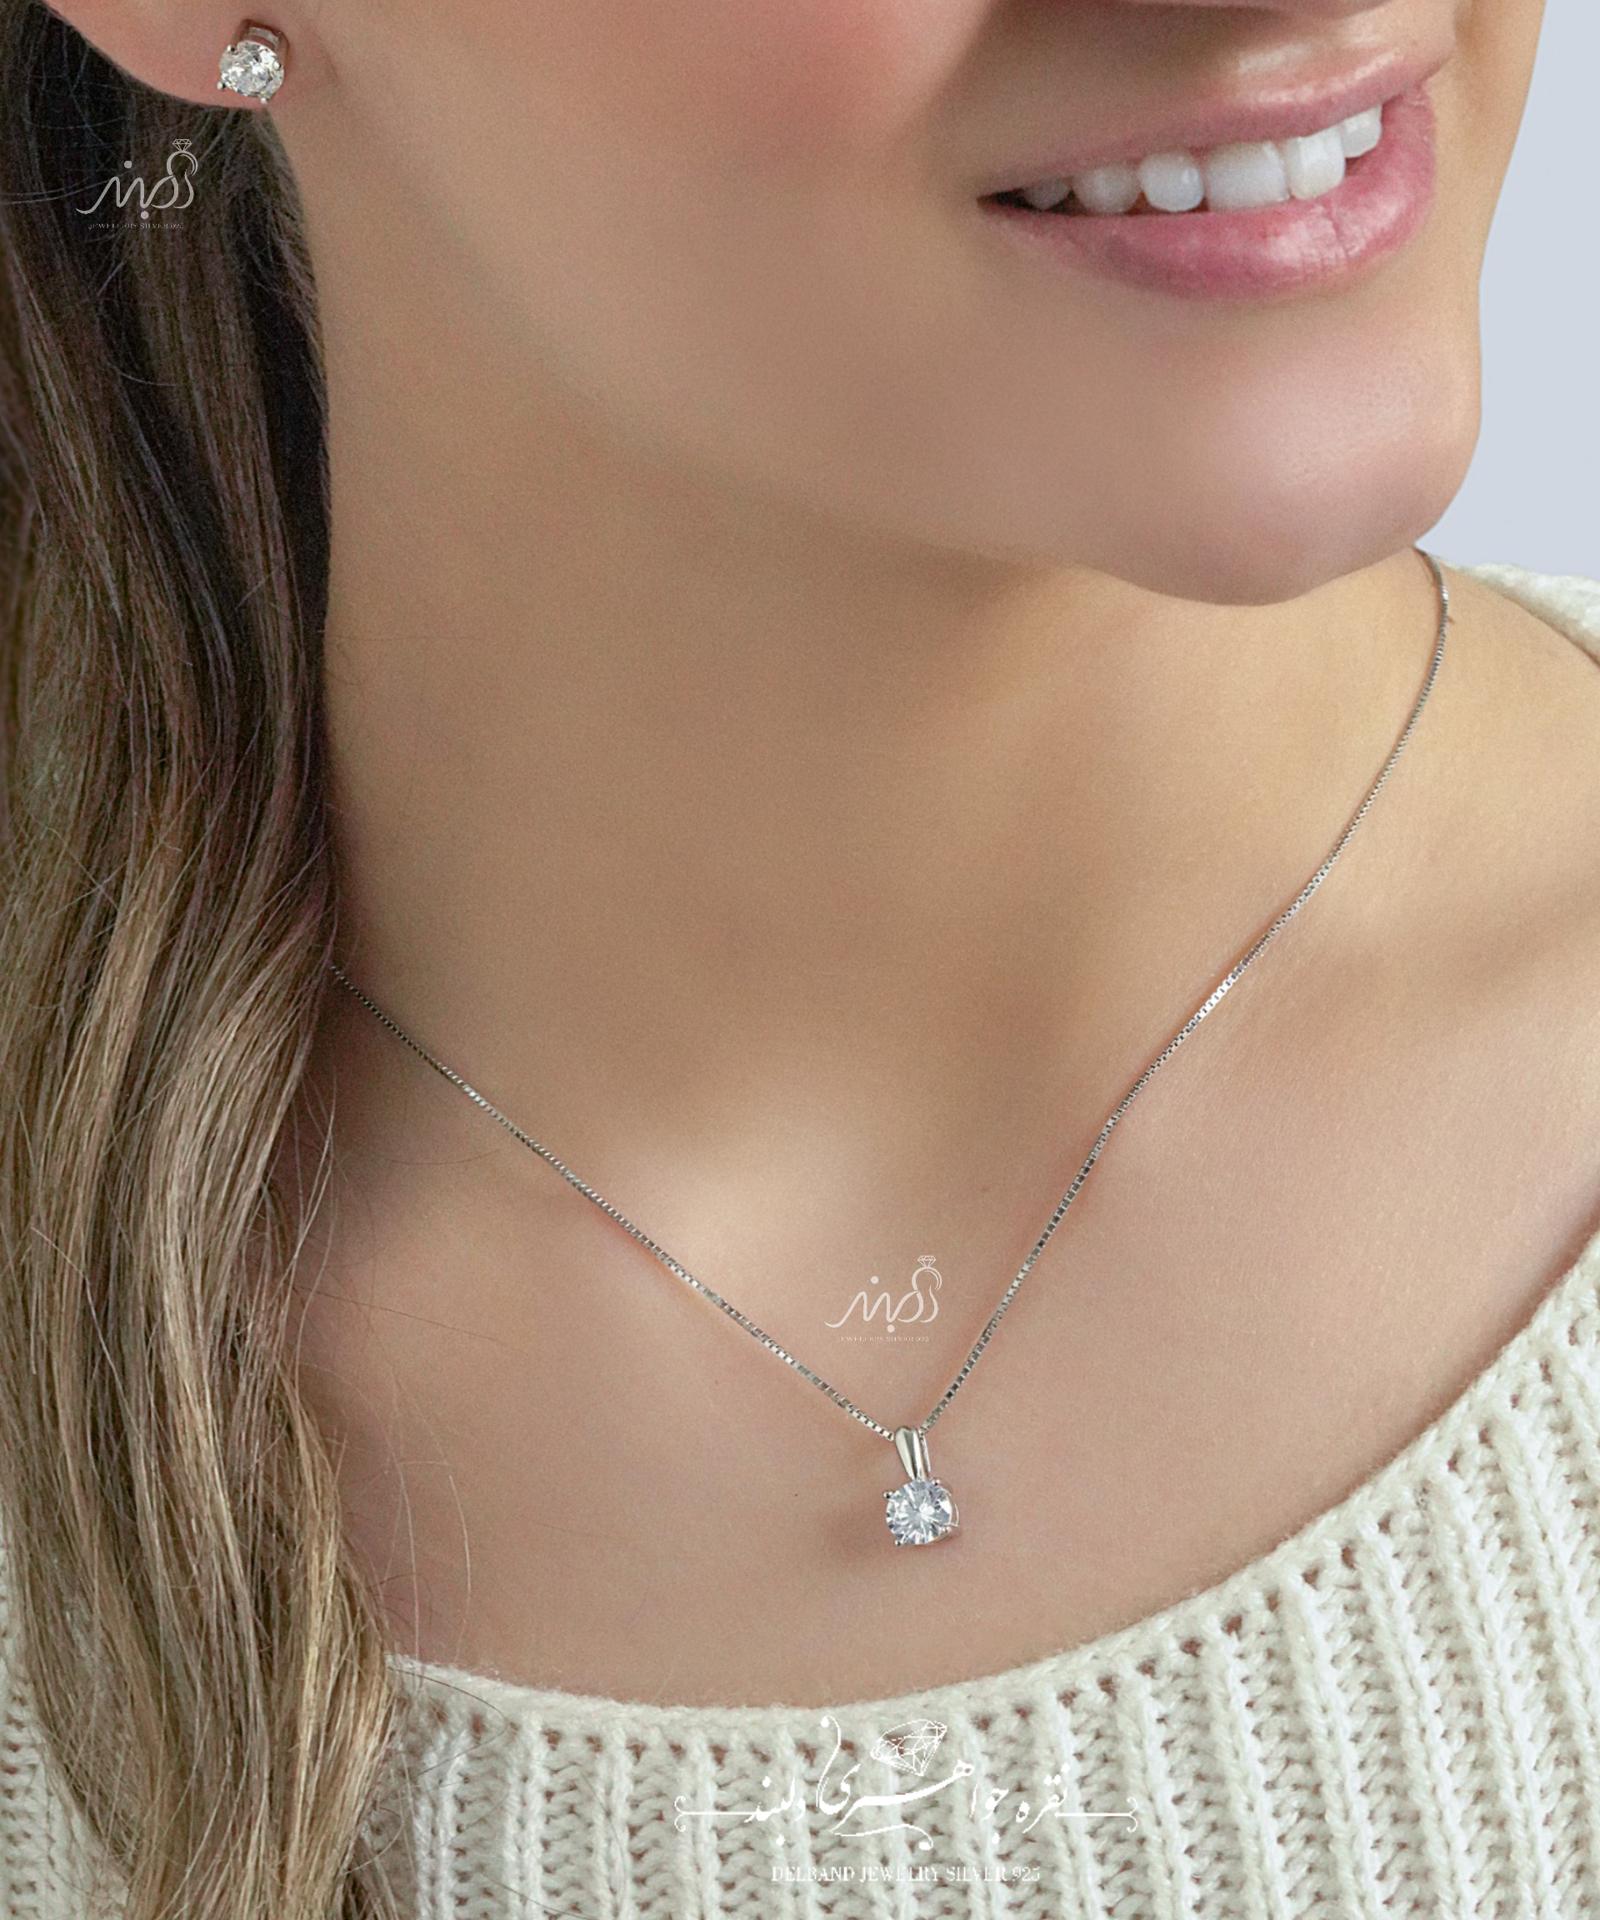 💍نیمست جواهری تك نگين گرد(آويز و گوشواره) با طراحی ژورنالی جواهرات بروز دنیا ؛ نقره عیار ۹۲۵ (N_4113)